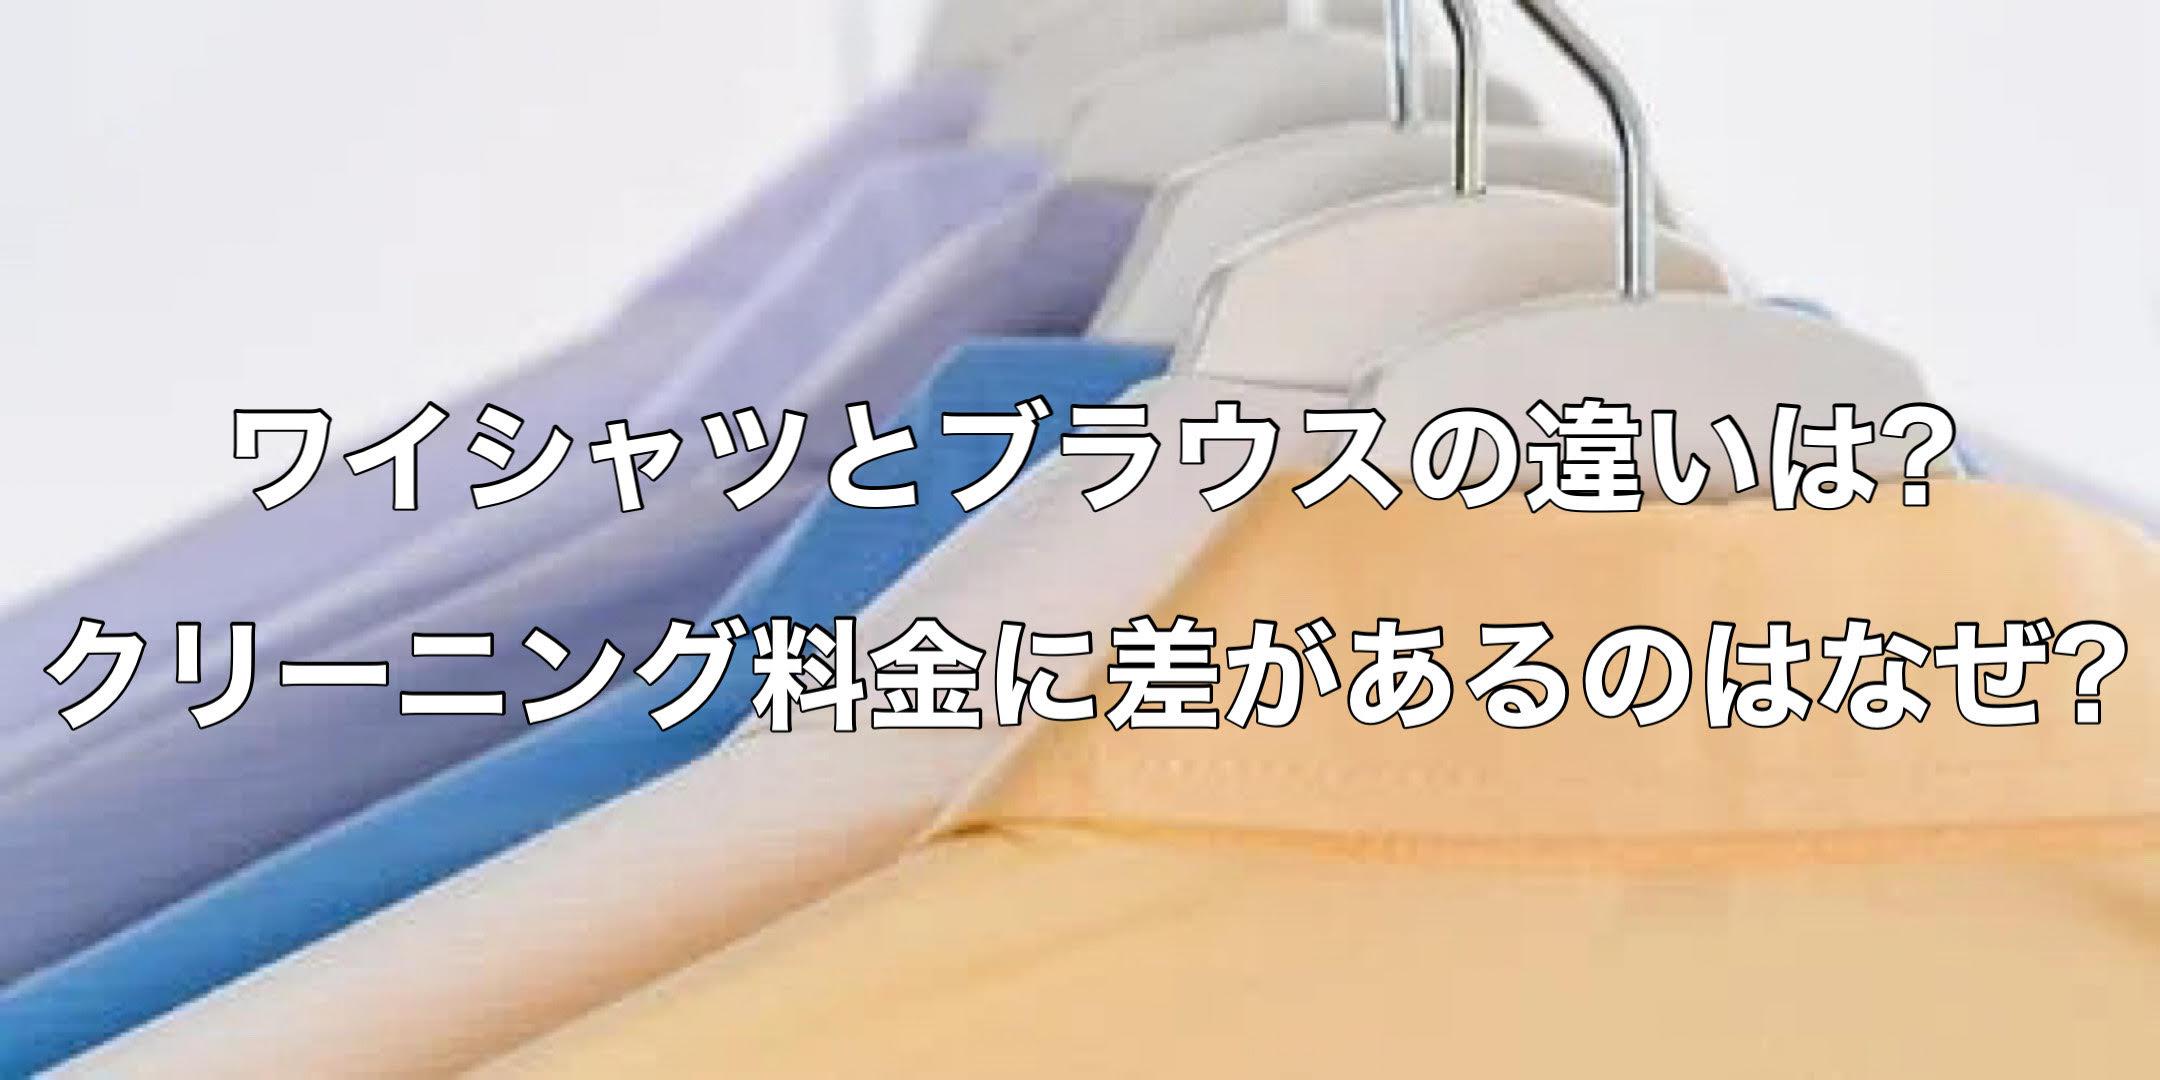 ワイシャツとブラウスの違いは?クリーニング料金に差があるのはなぜ?